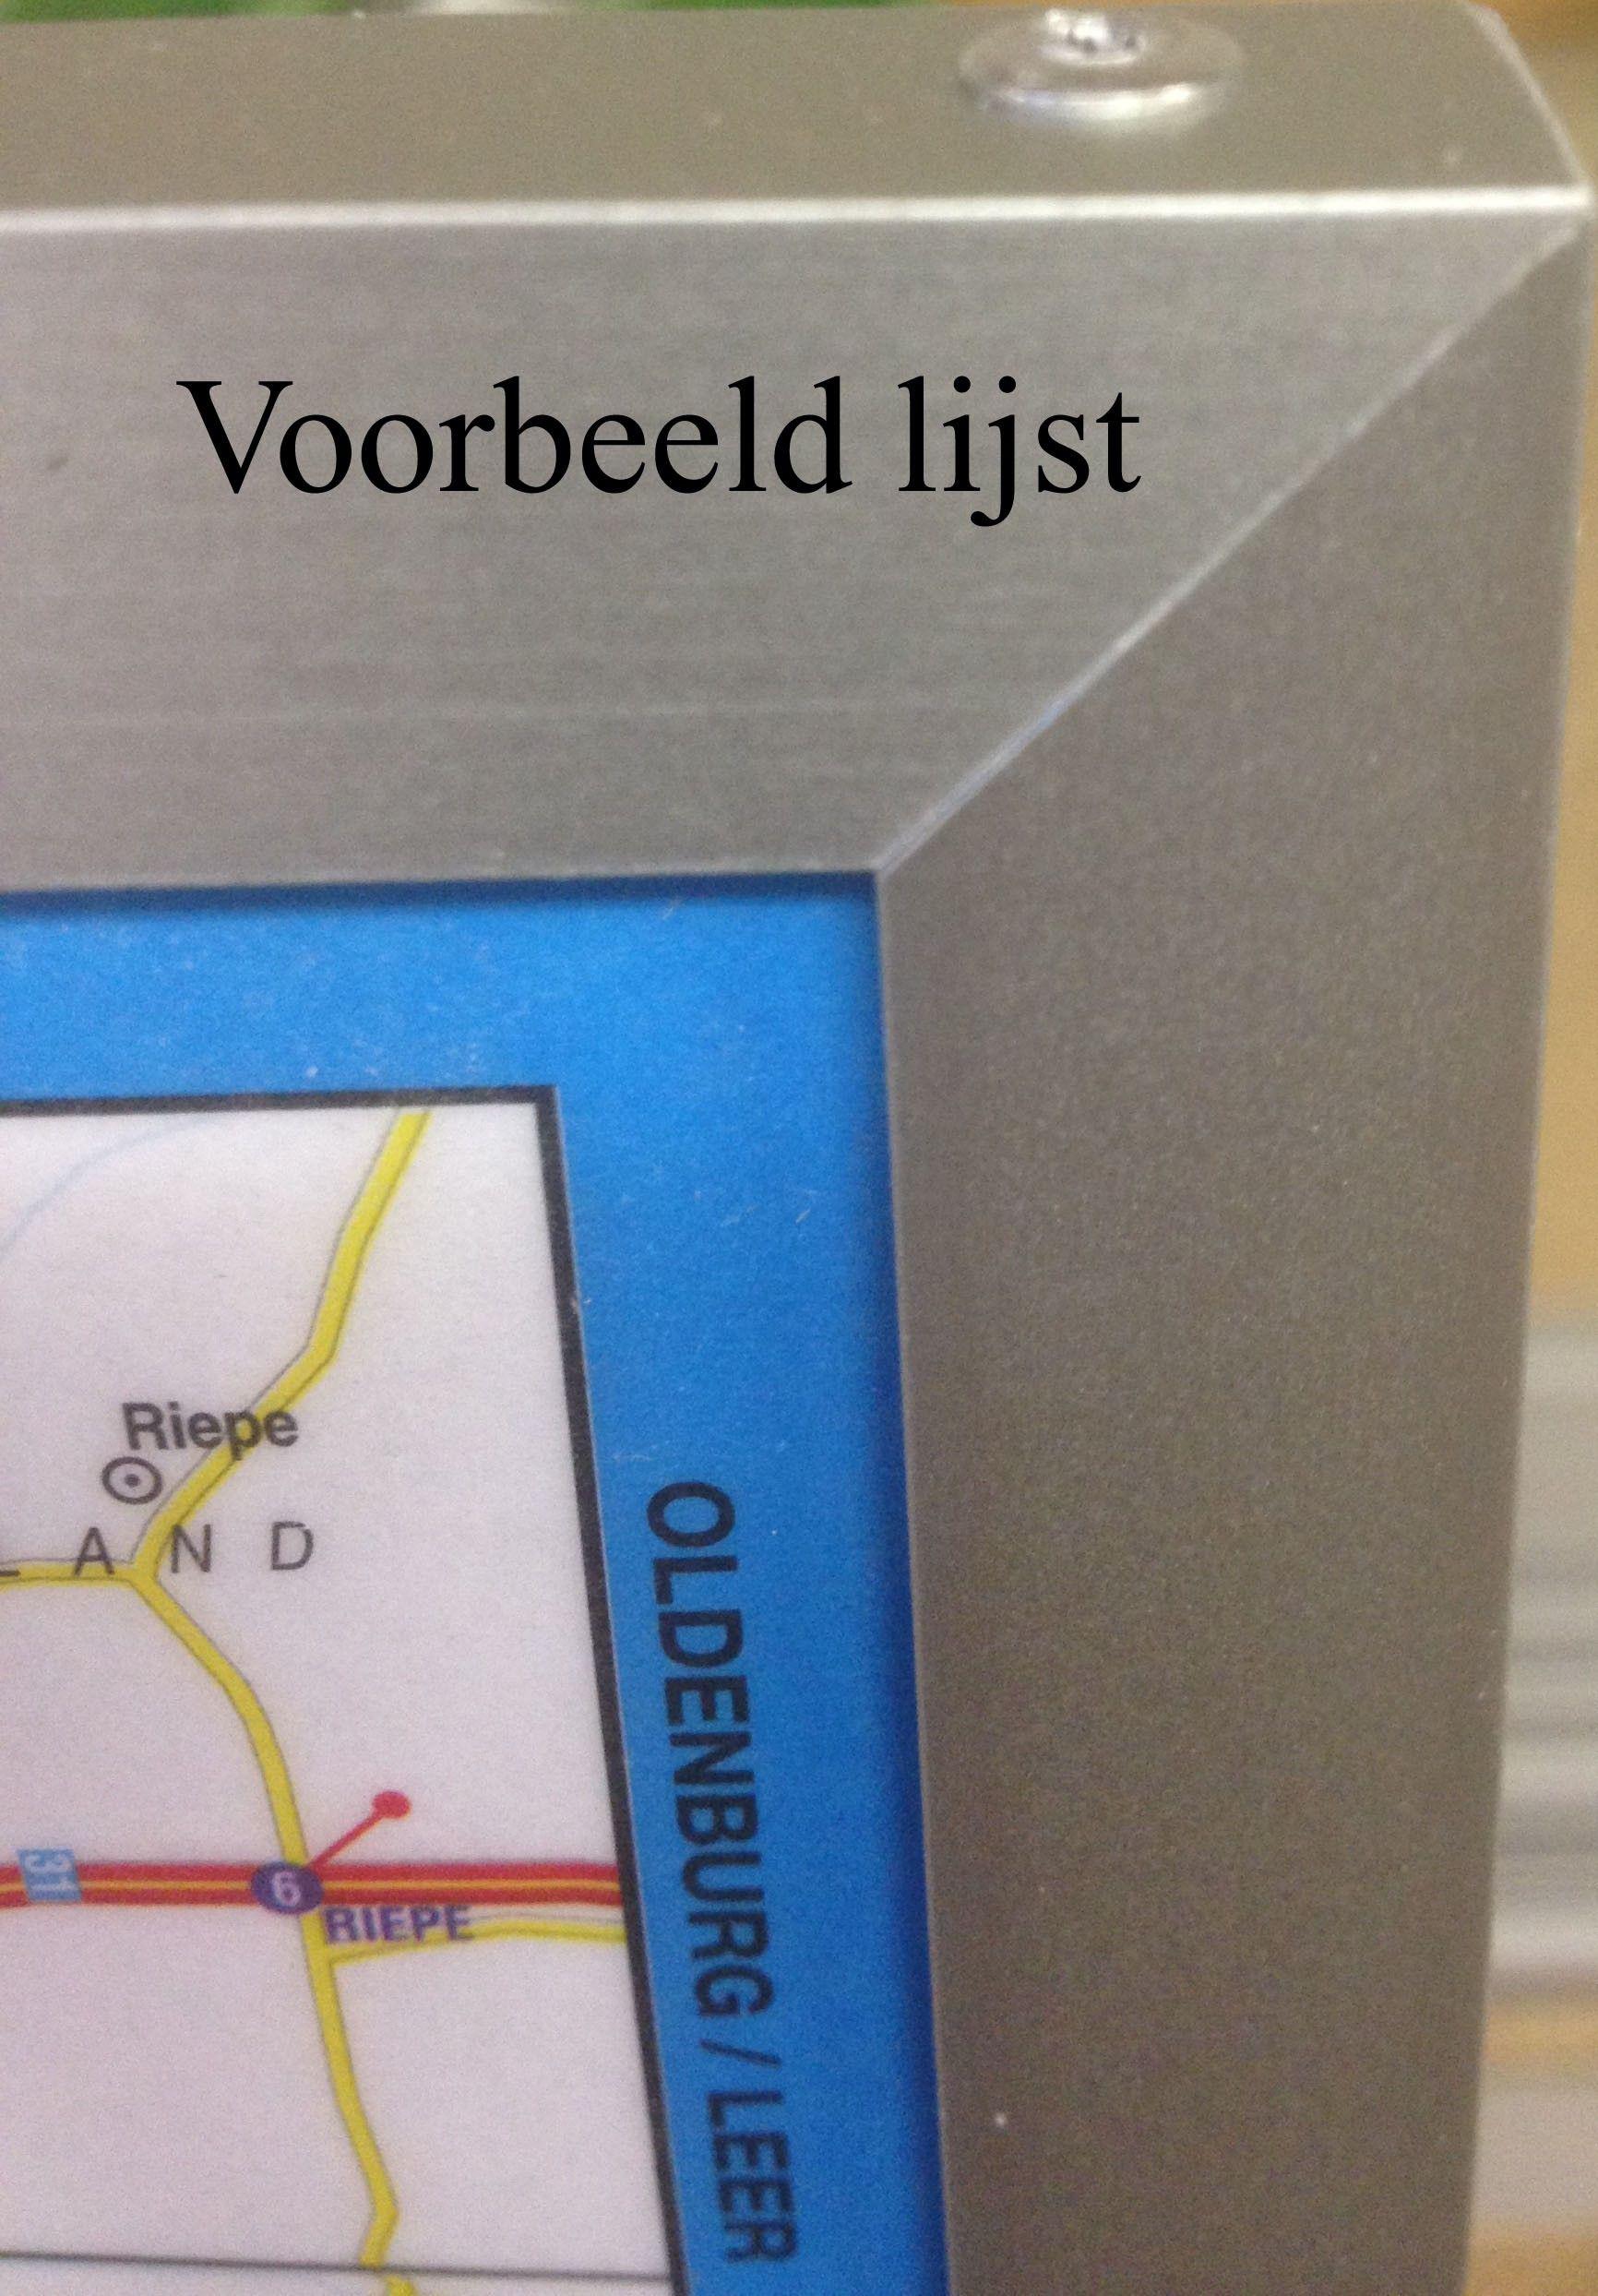 Provincie kaart Noord-Holland